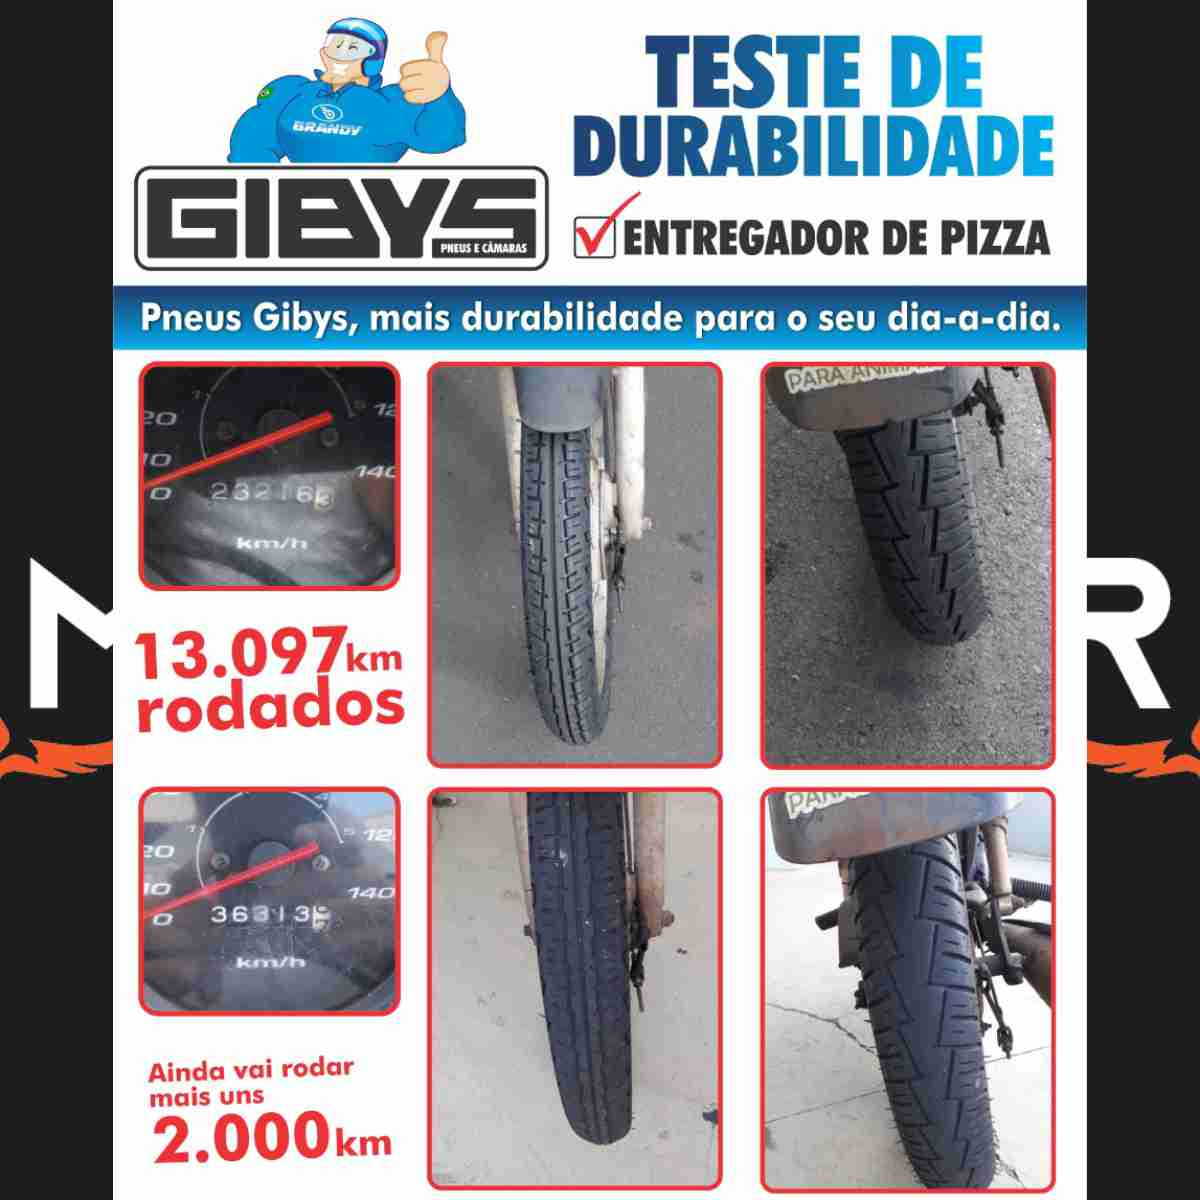 KIT PNEU DE MOTO TRASEIRO BIZ 125 110i C100 POP 100 GIBYS 80/100-14 49L + CÂMARA DE AR RODA 14